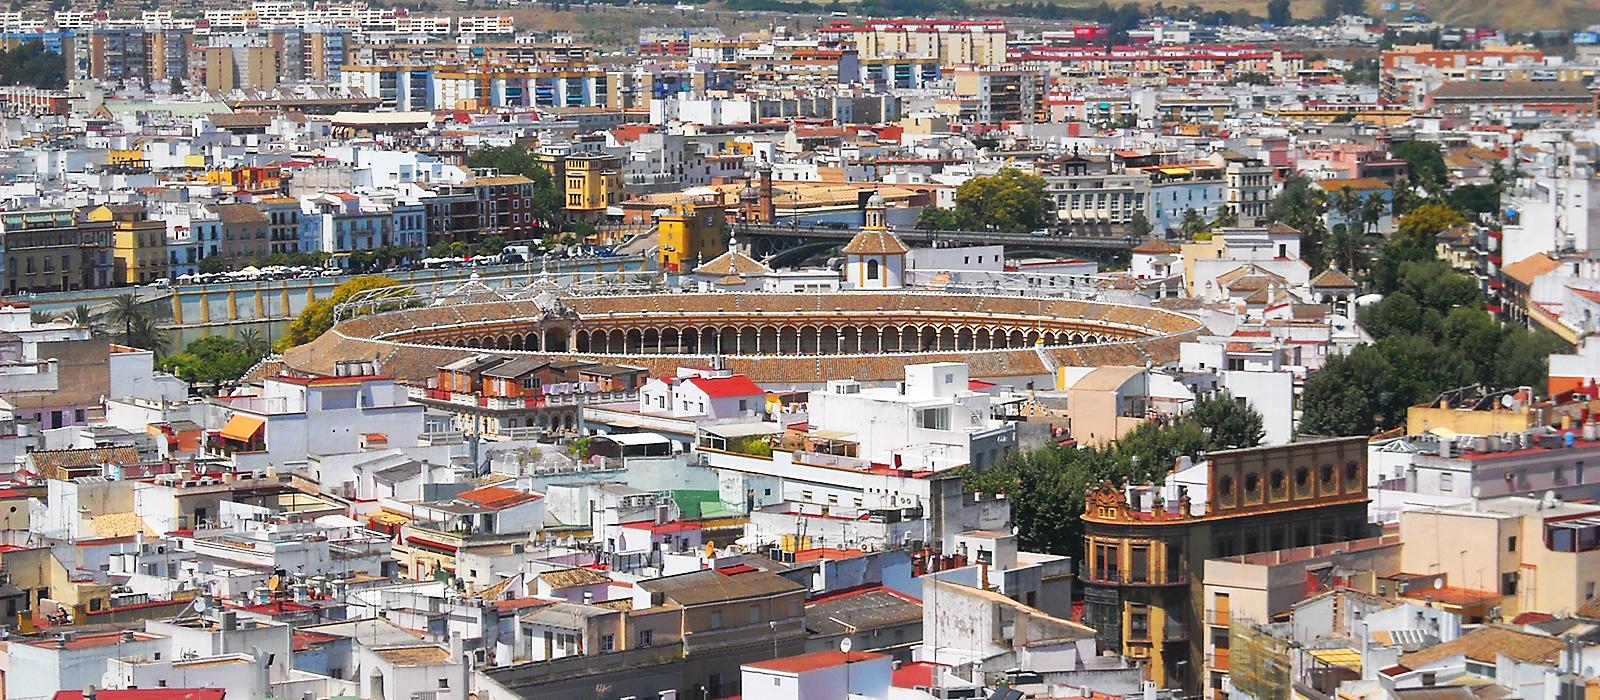 Spagna_DSCN1123